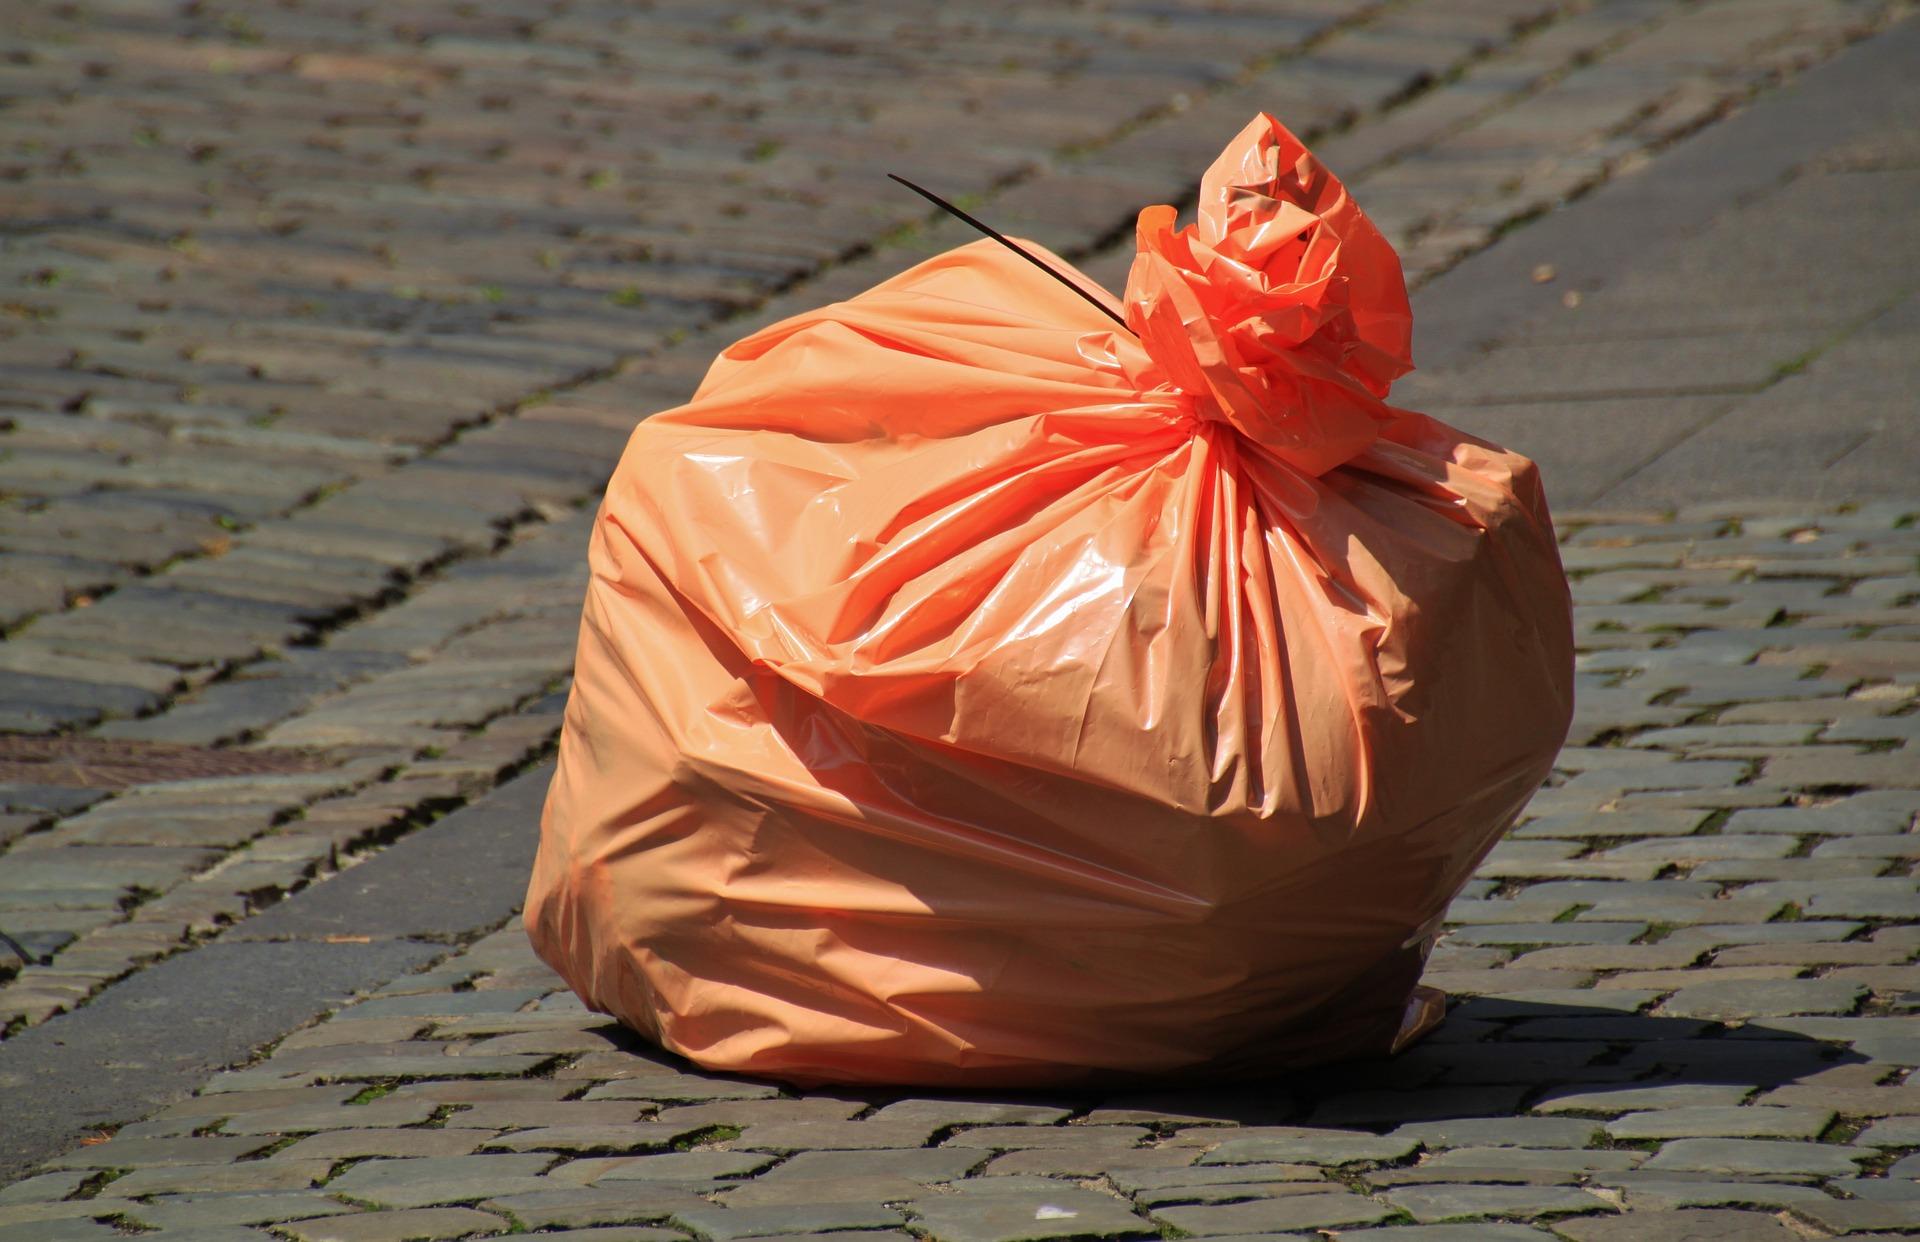 Kto zajmie się rozwożeniem worków na śmieci w przyszłym roku? - Zdjęcie główne